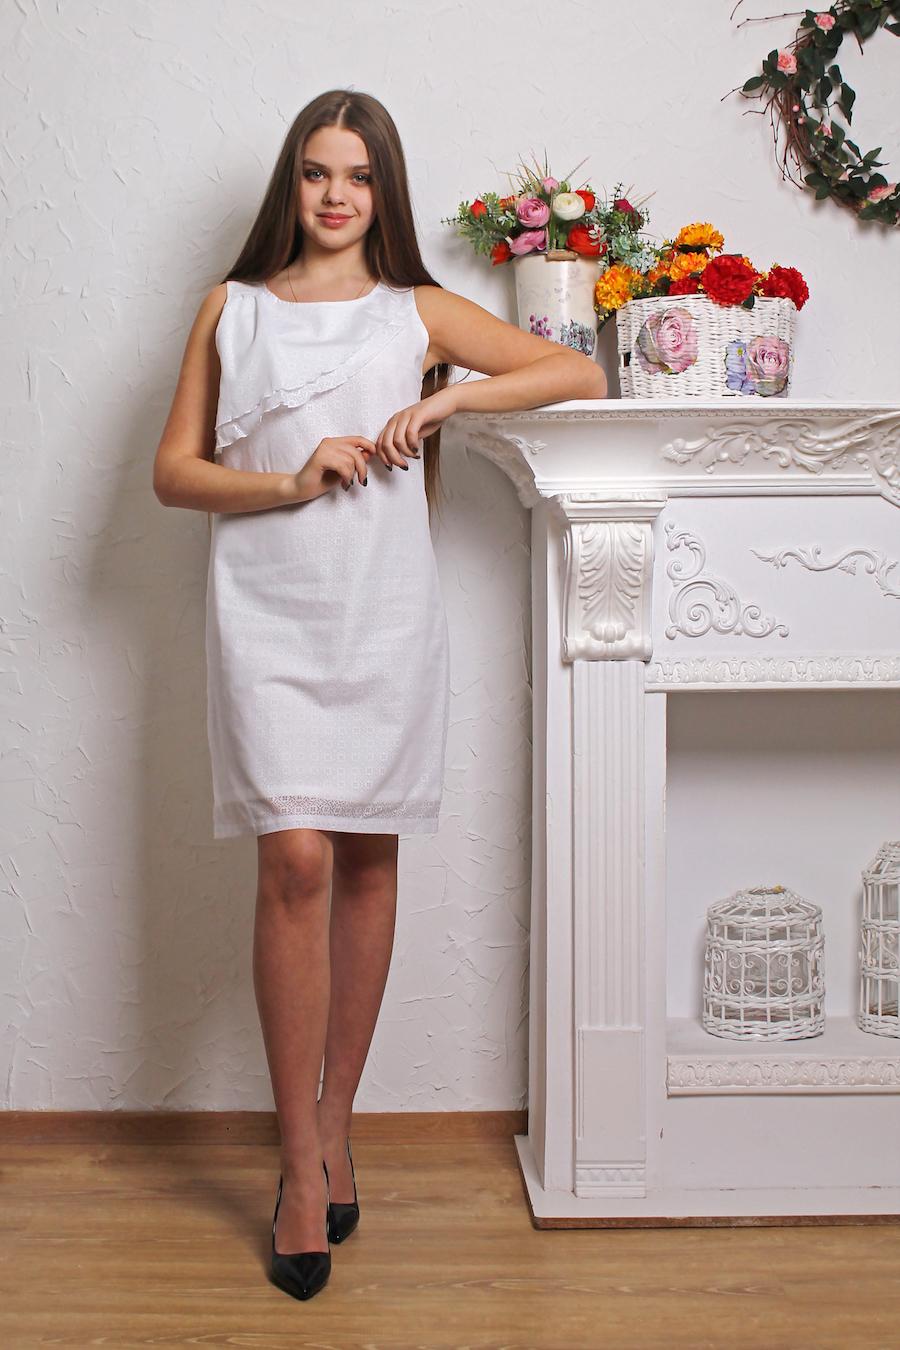 ed05f99ee47 Красивое нарядное женское платье для мамы и дочки family-look купить